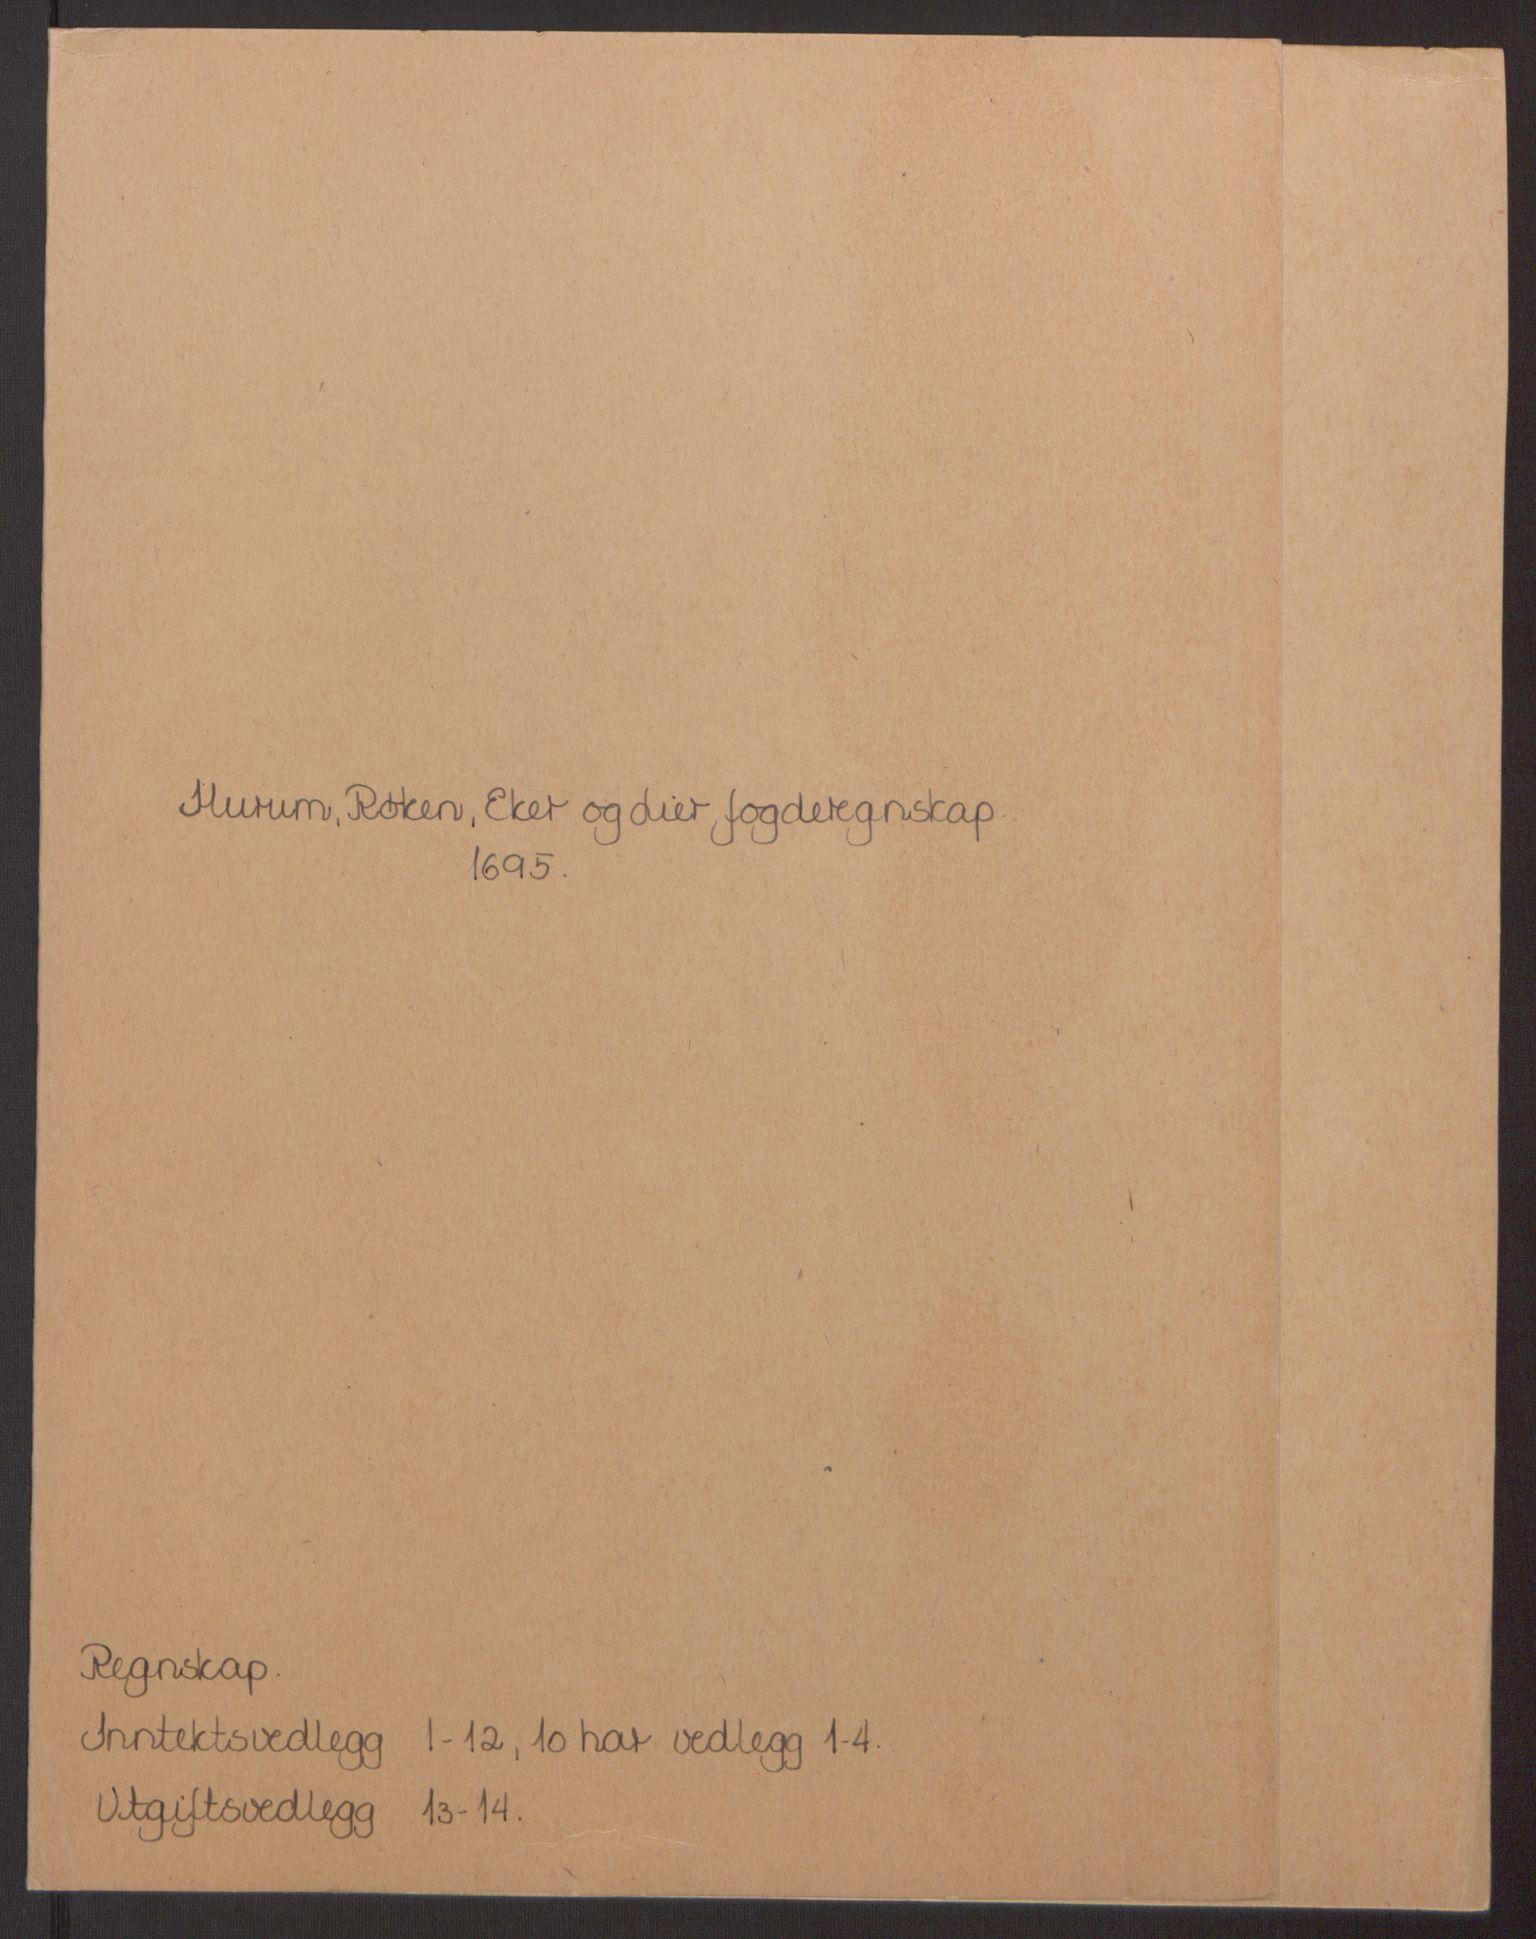 RA, Rentekammeret inntil 1814, Reviderte regnskaper, Fogderegnskap, R30/L1694: Fogderegnskap Hurum, Røyken, Eiker og Lier, 1694-1696, s. 150